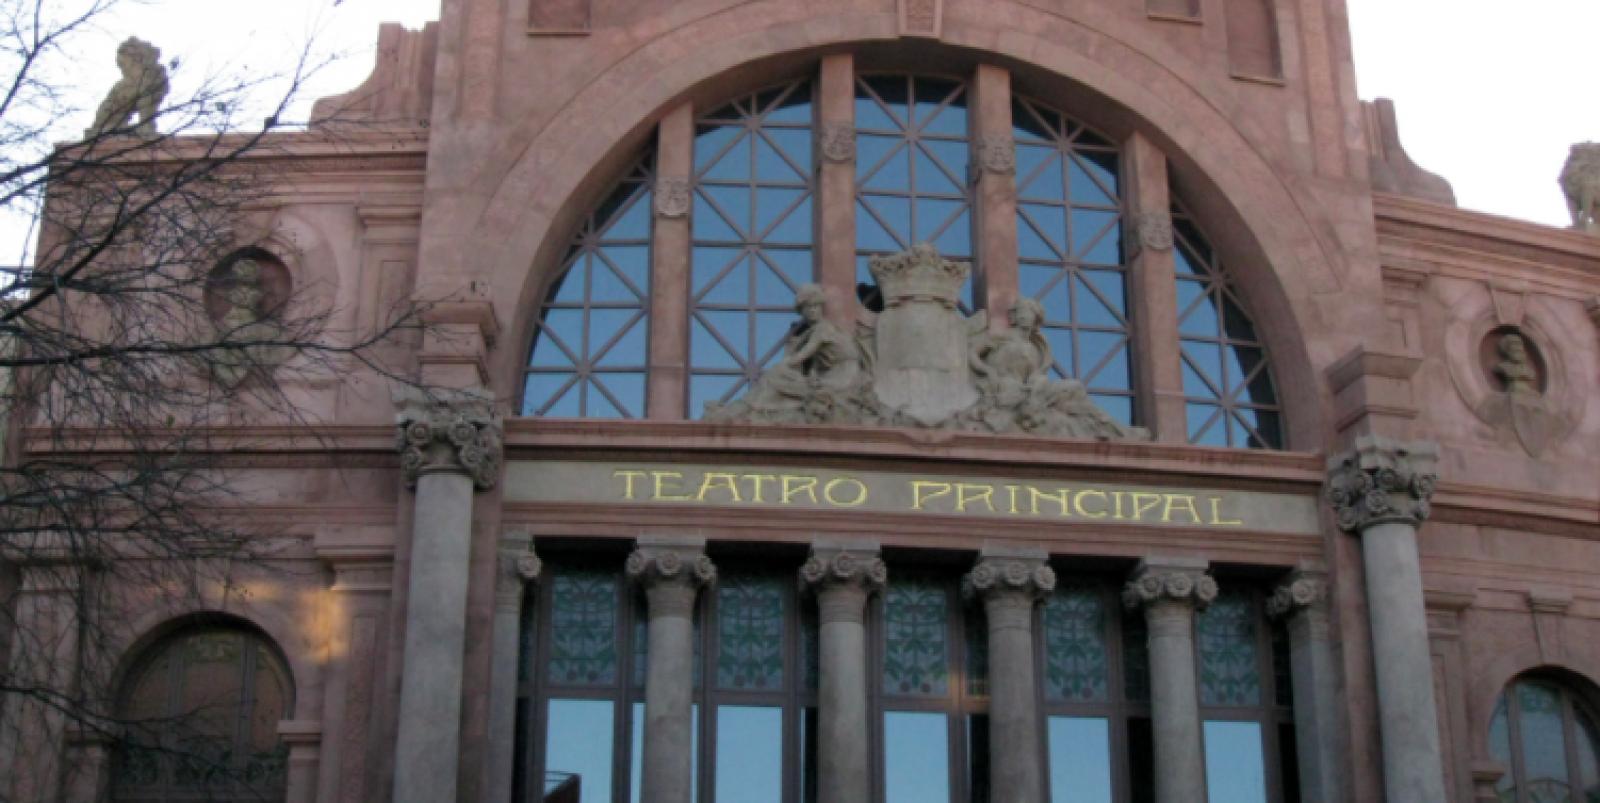 Façana del Teatre Principal de Terrassa